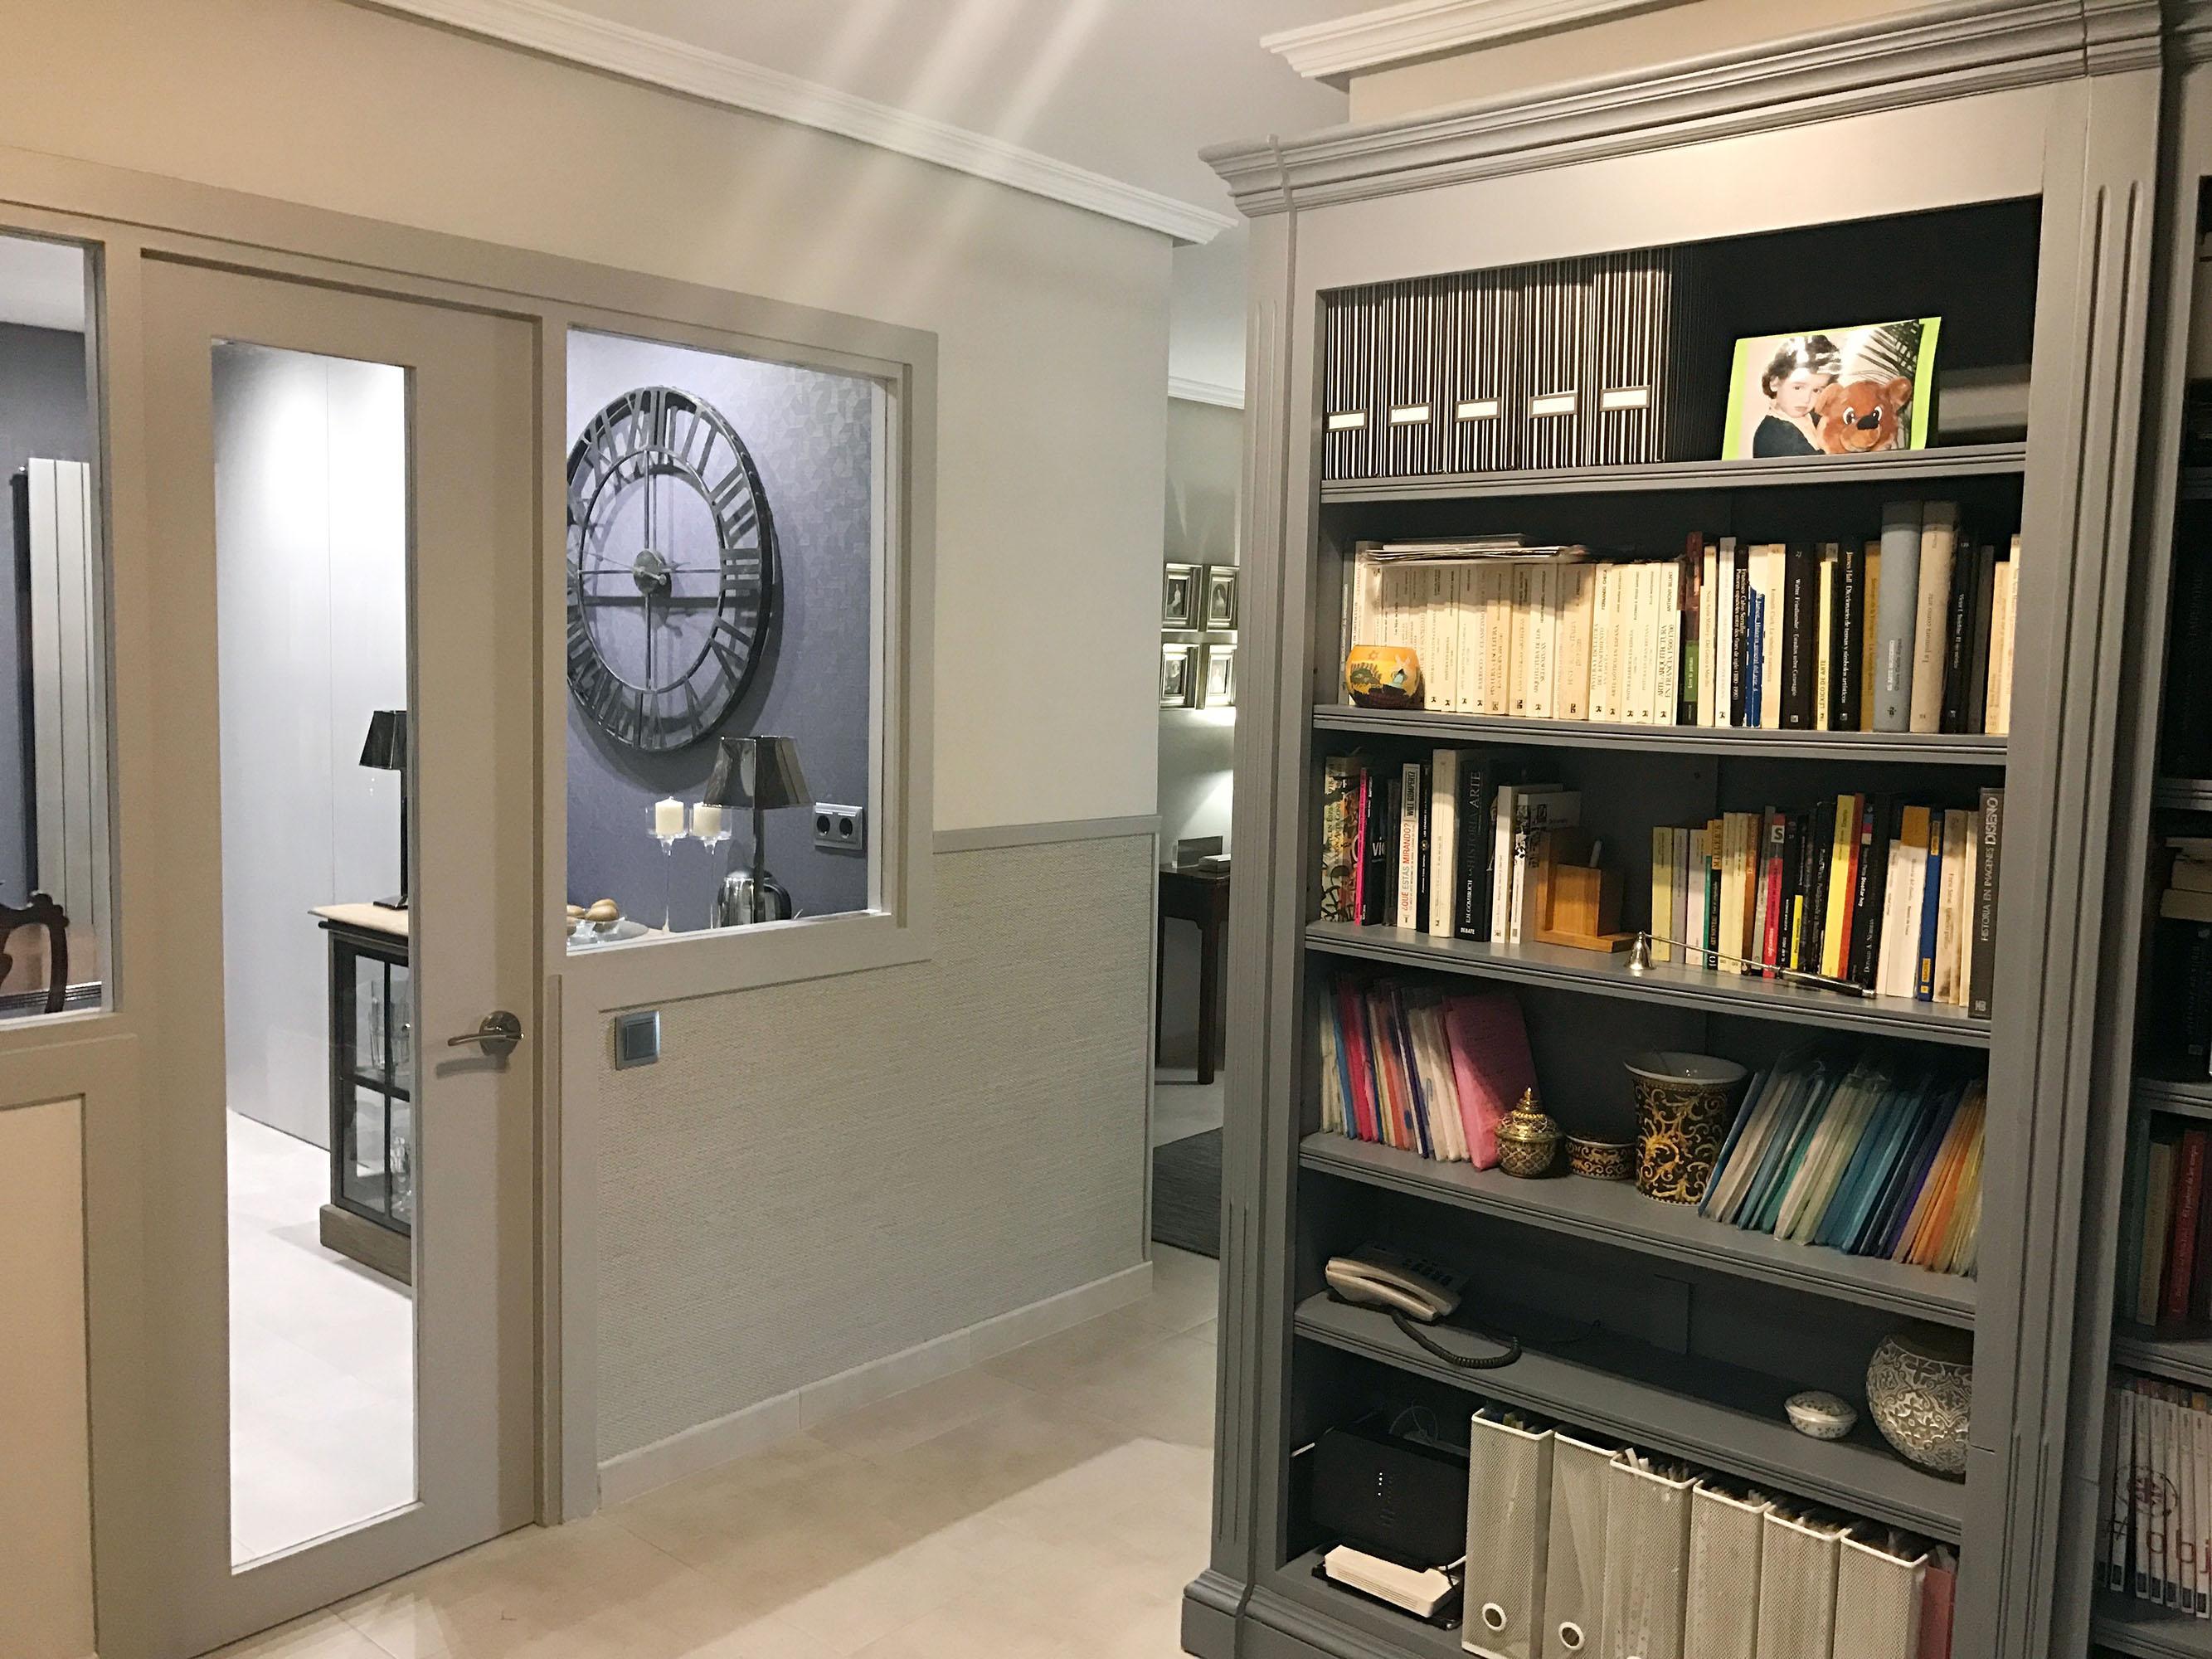 Pasillo con librería. Acceso al comedor de la casa. Decoración Estudio Libia Bárcenas